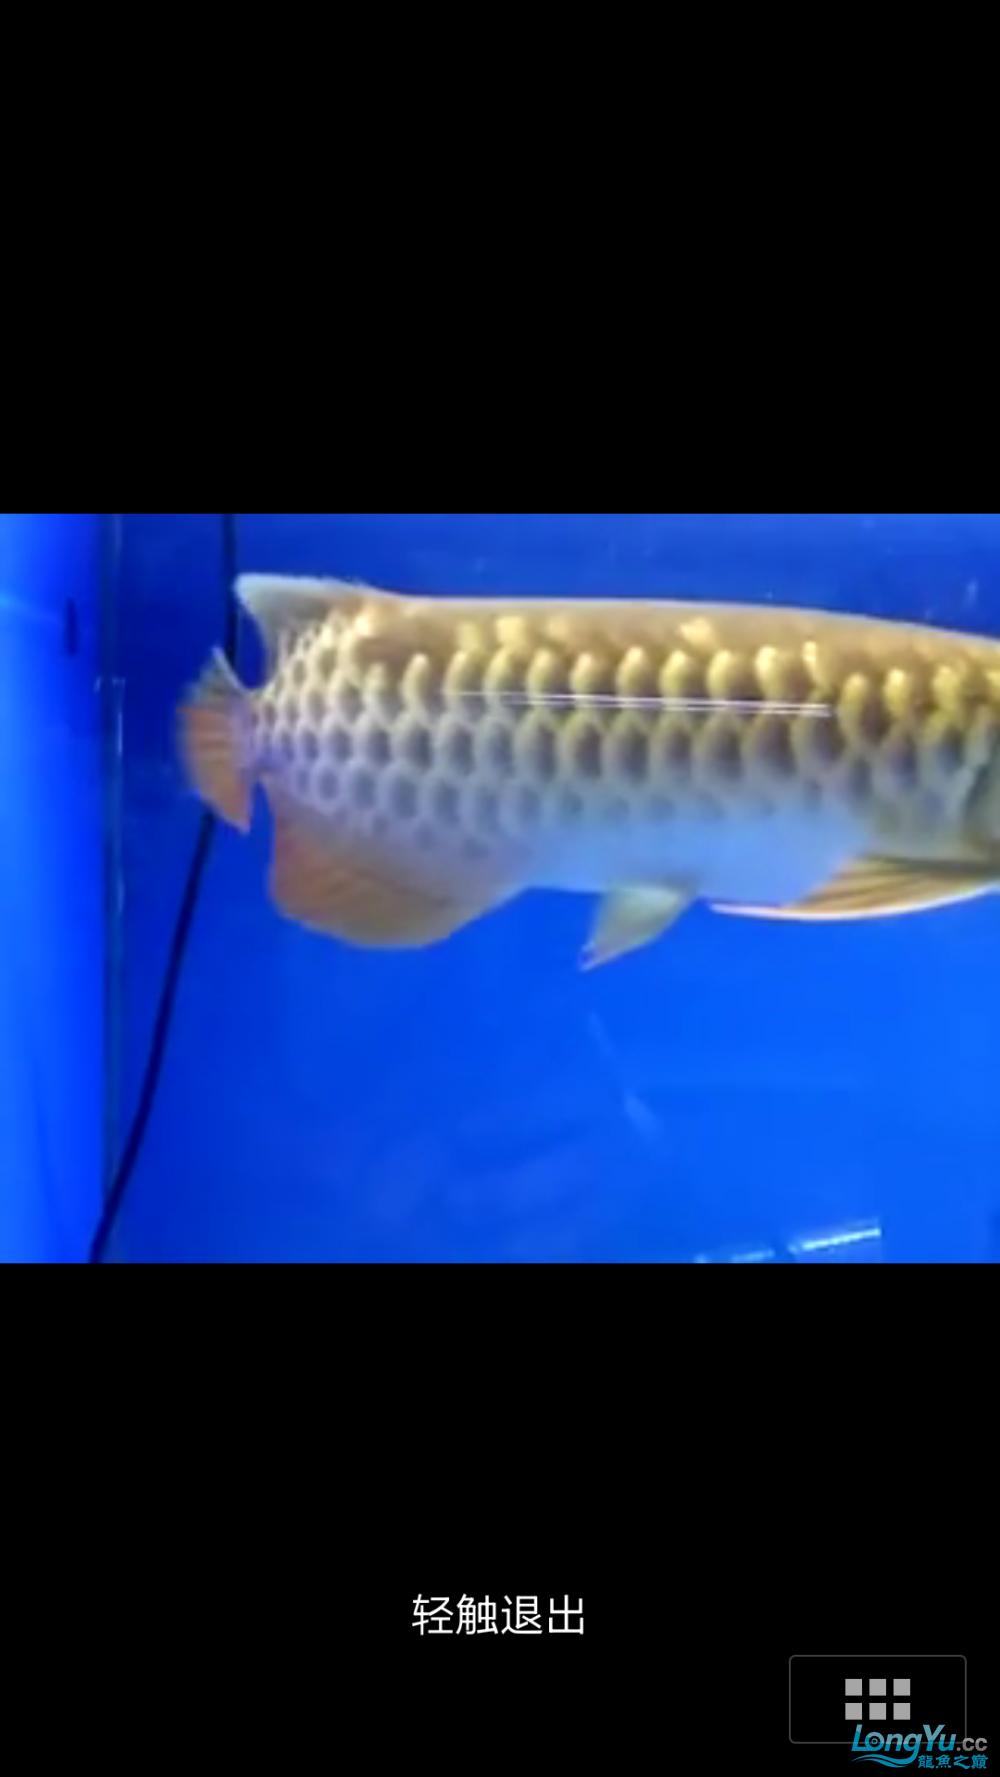 求高手给看看是不是过背! 西安水族批发市场 西安龙鱼第2张